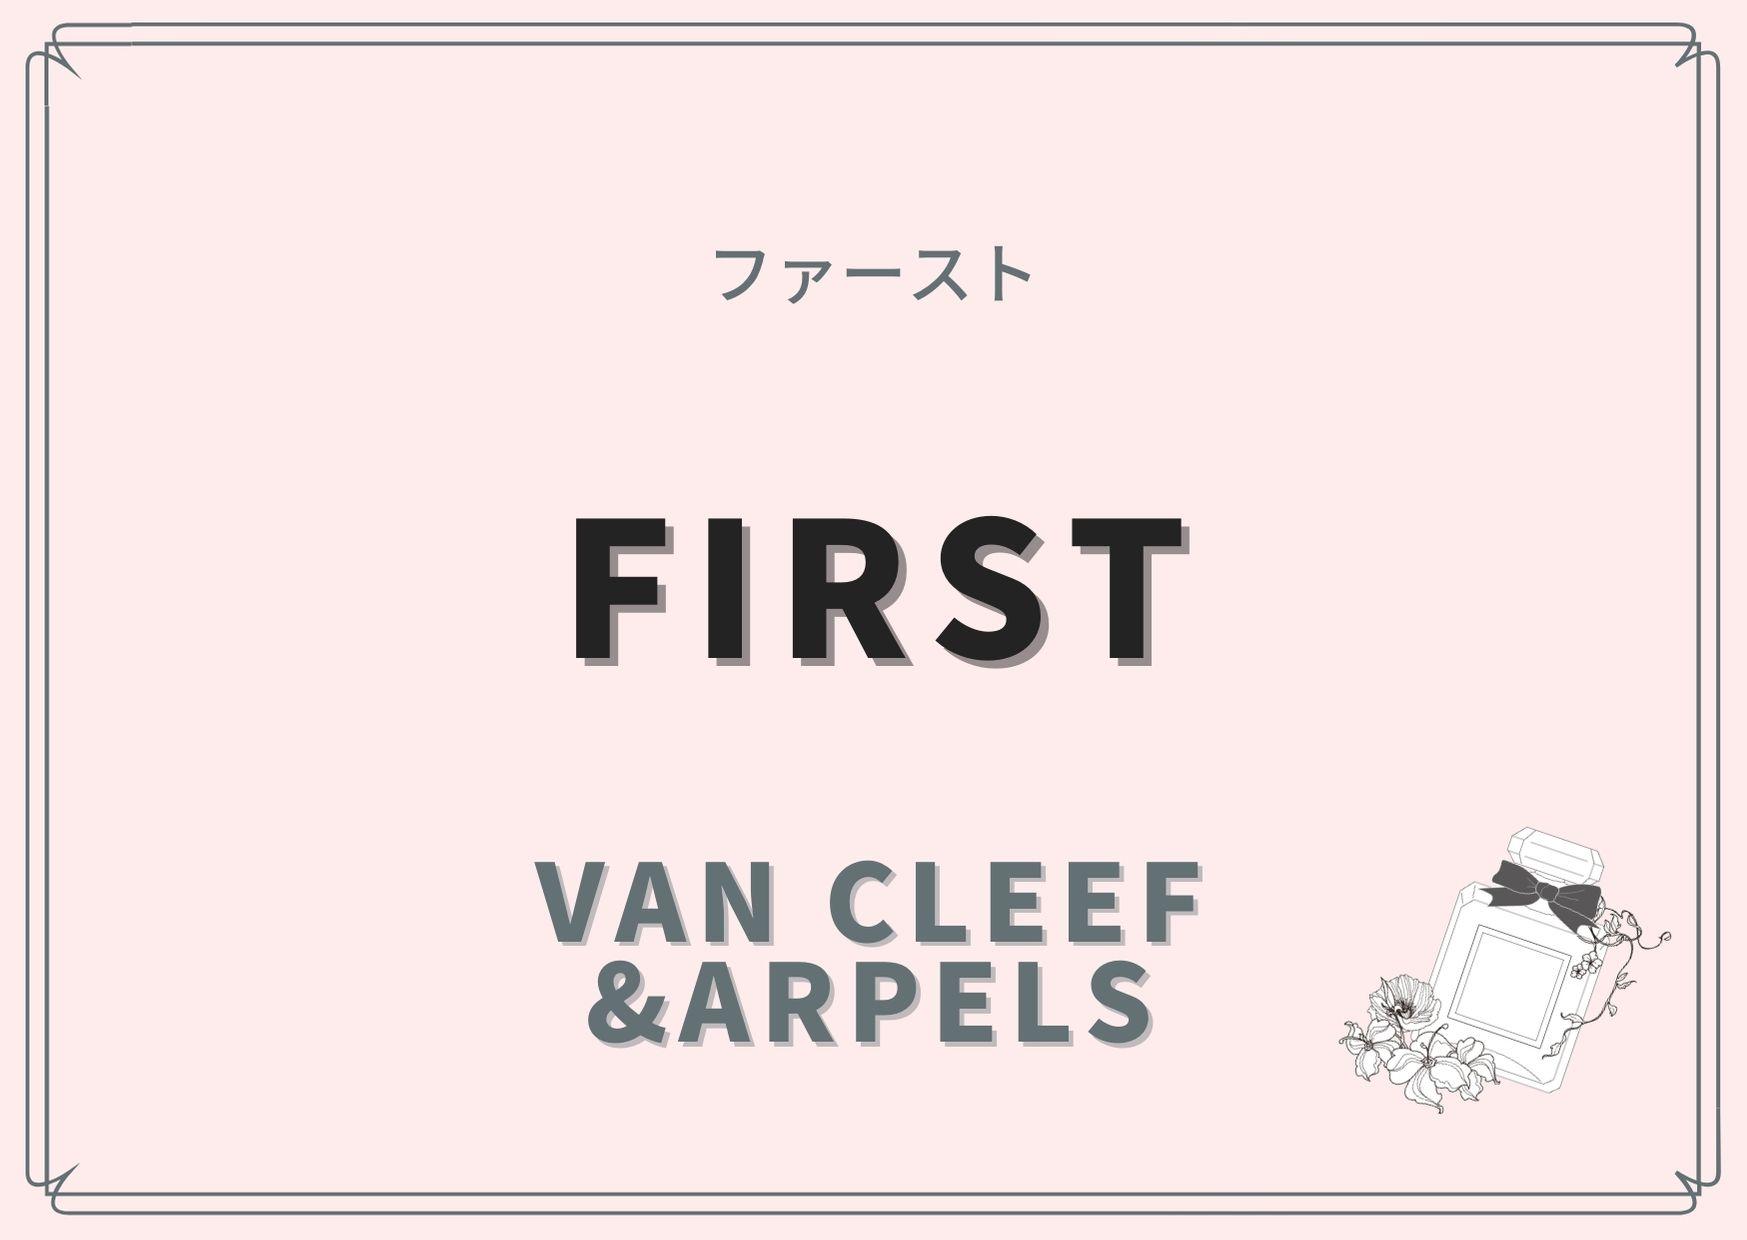 FIRST(ファースト)/Van Cleef&Arpels(ヴァン クリーフ&アーペル)